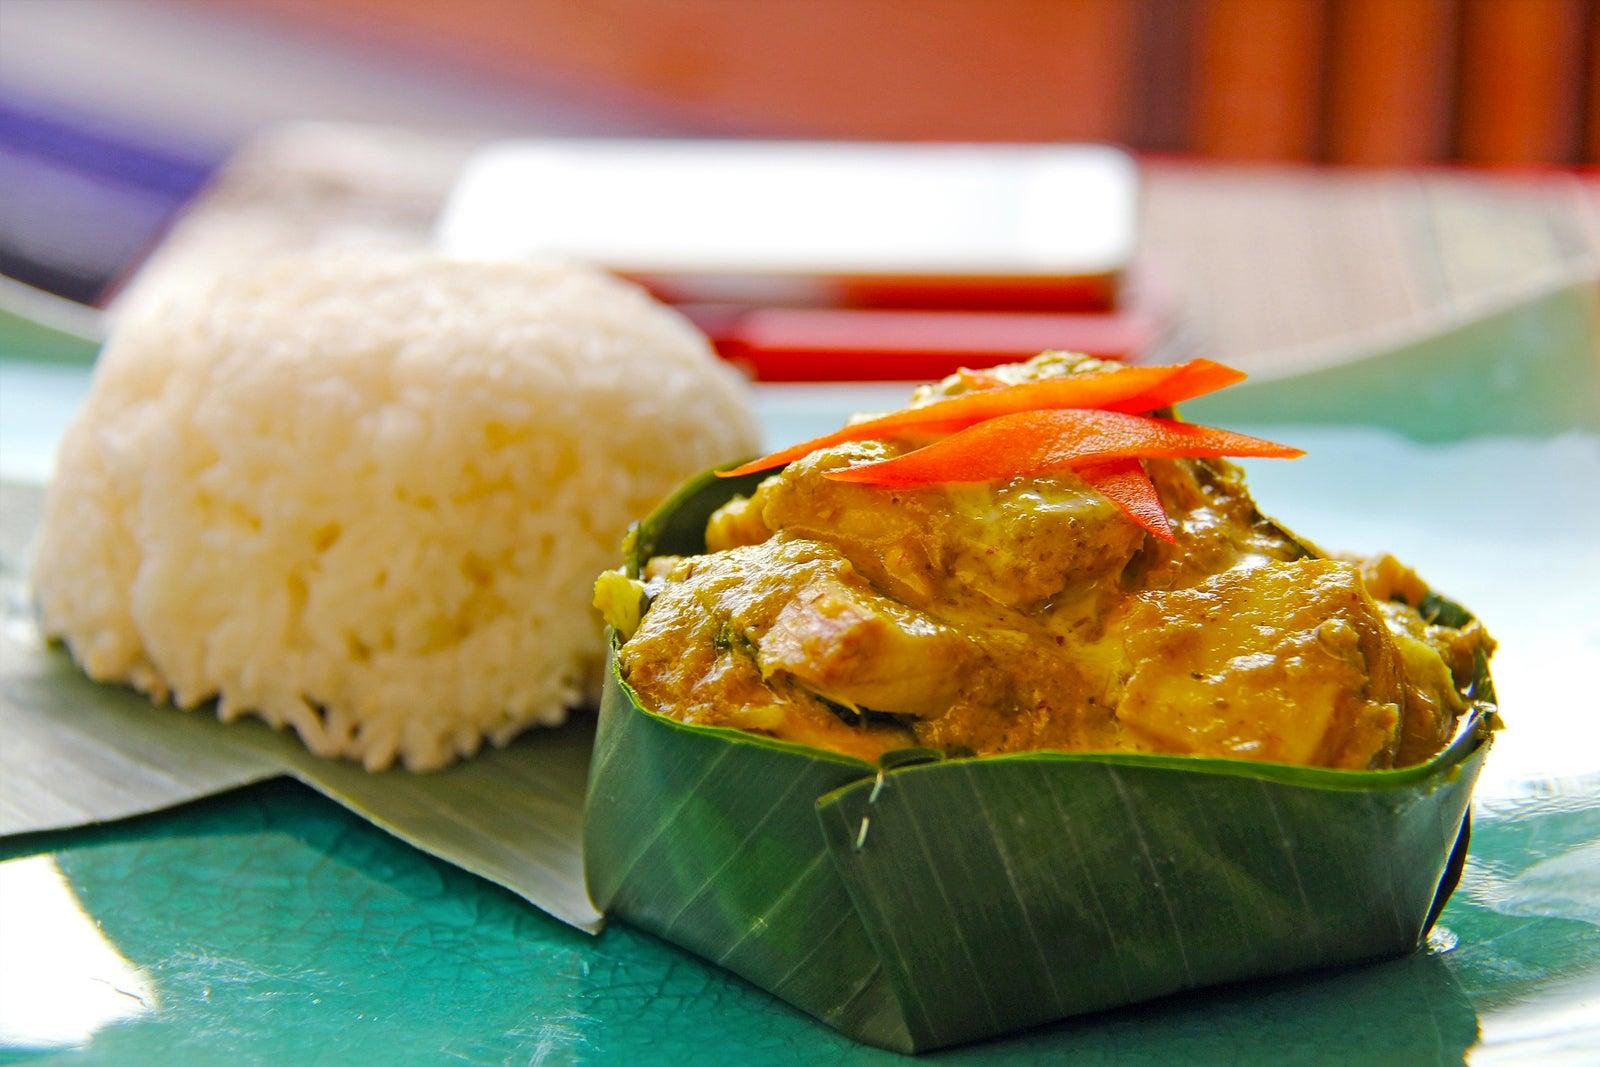 16 Best Restaurants in Phnom Penh - Where to Eat around